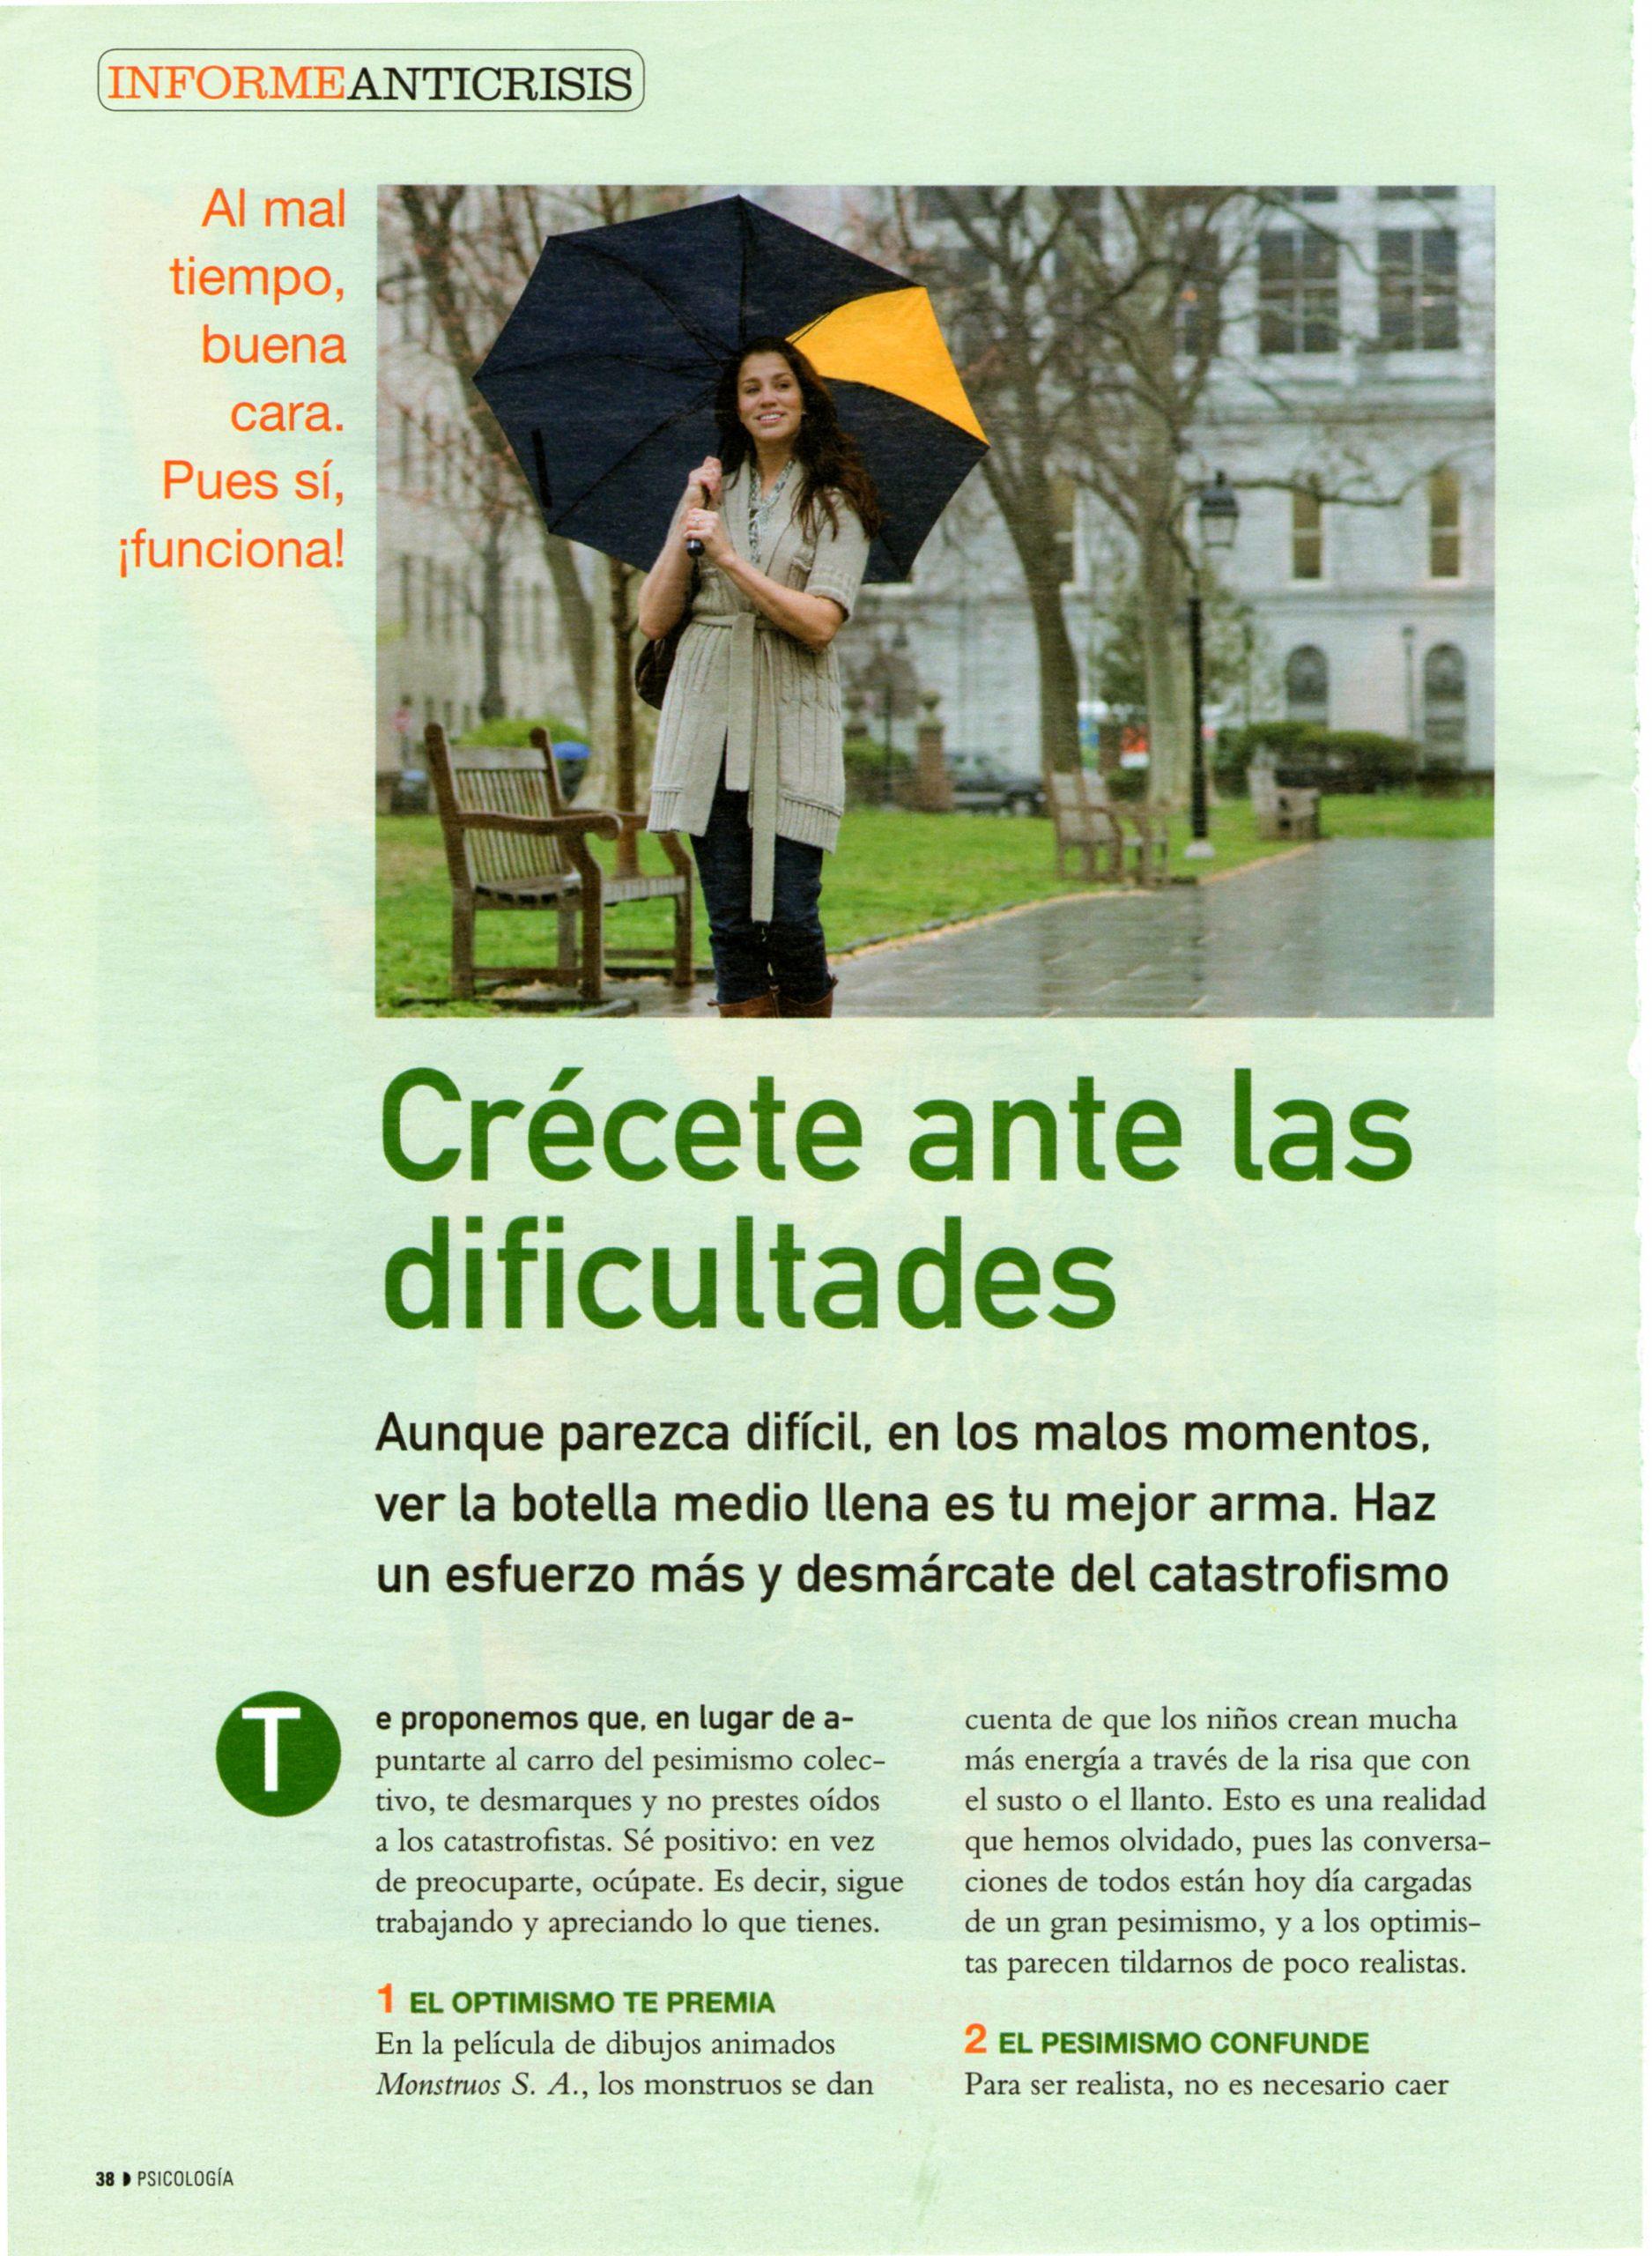 CREER EN TI ES ESENCIAL, pag 2, PSICOLOGÍA PRÁCTICA 5- 2010, Mar Cantero Sánchez